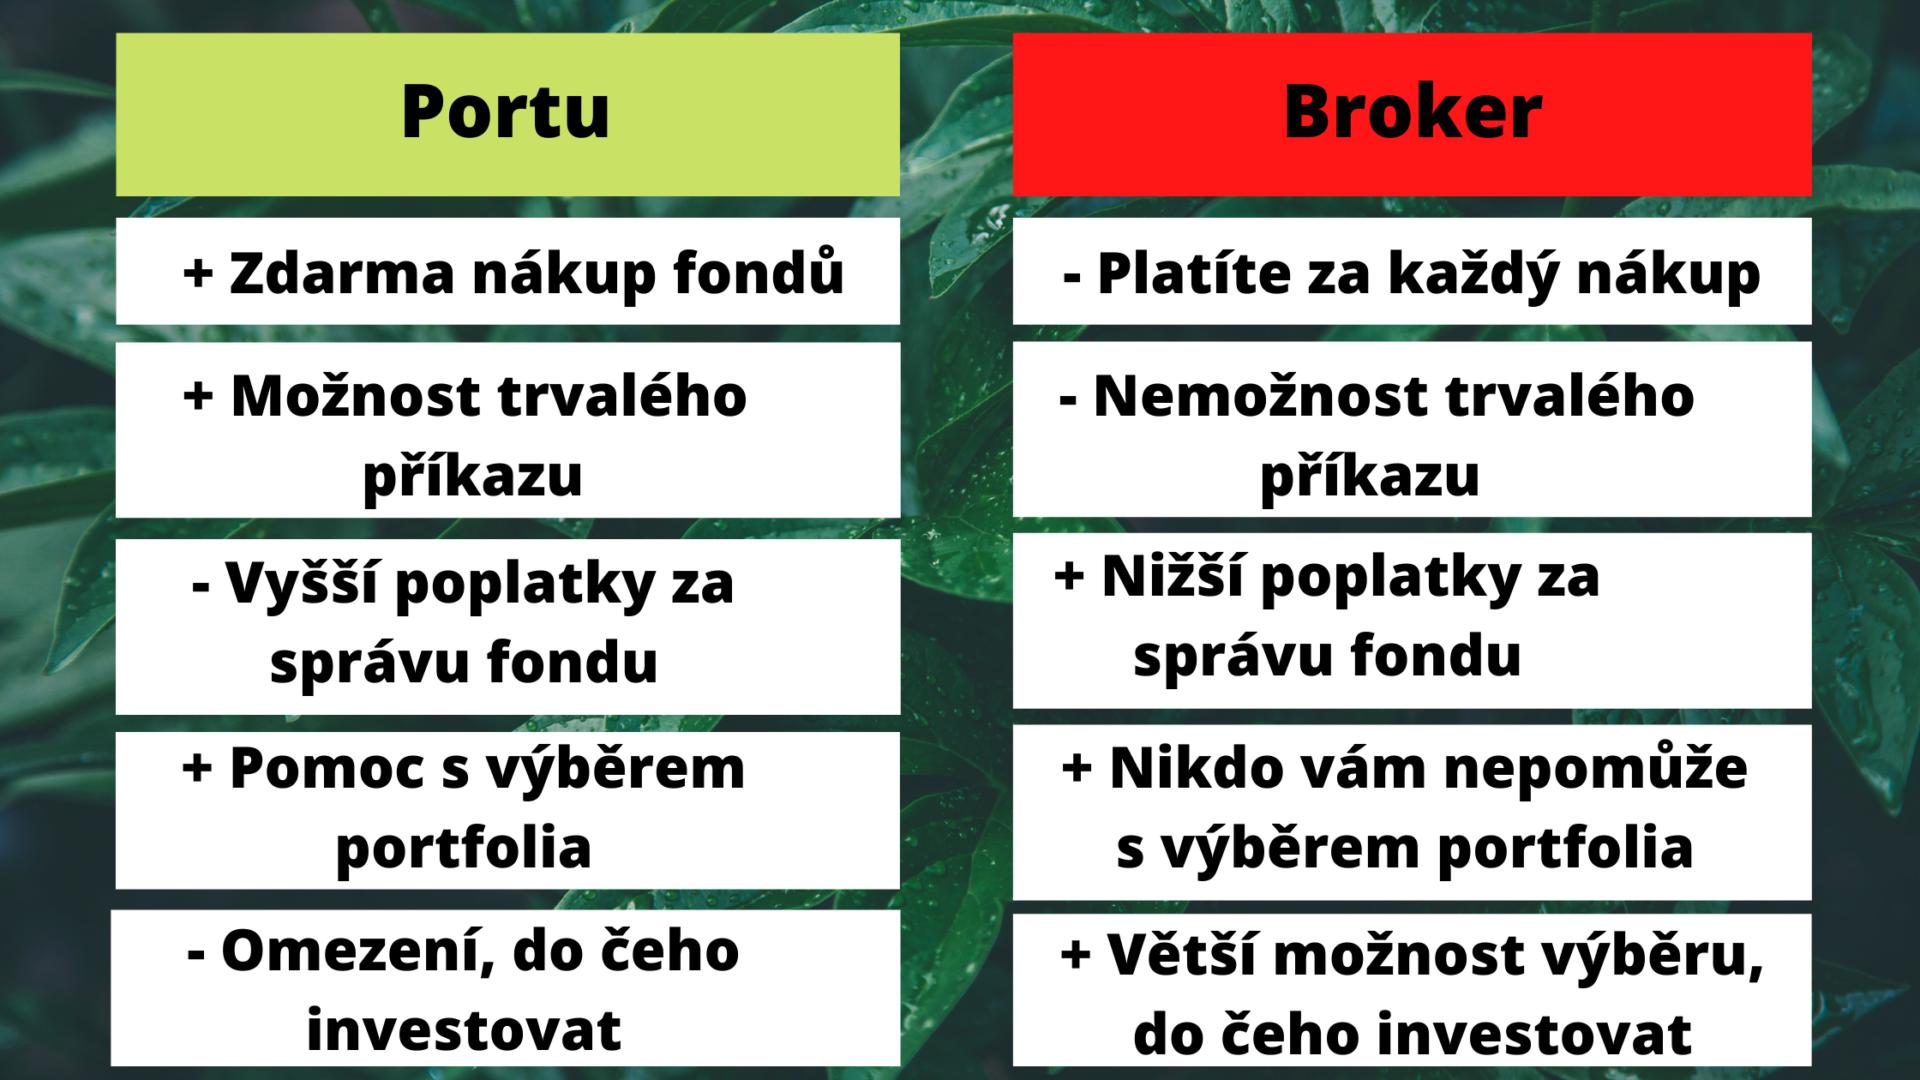 Porovnání investování přes Portu a brokera